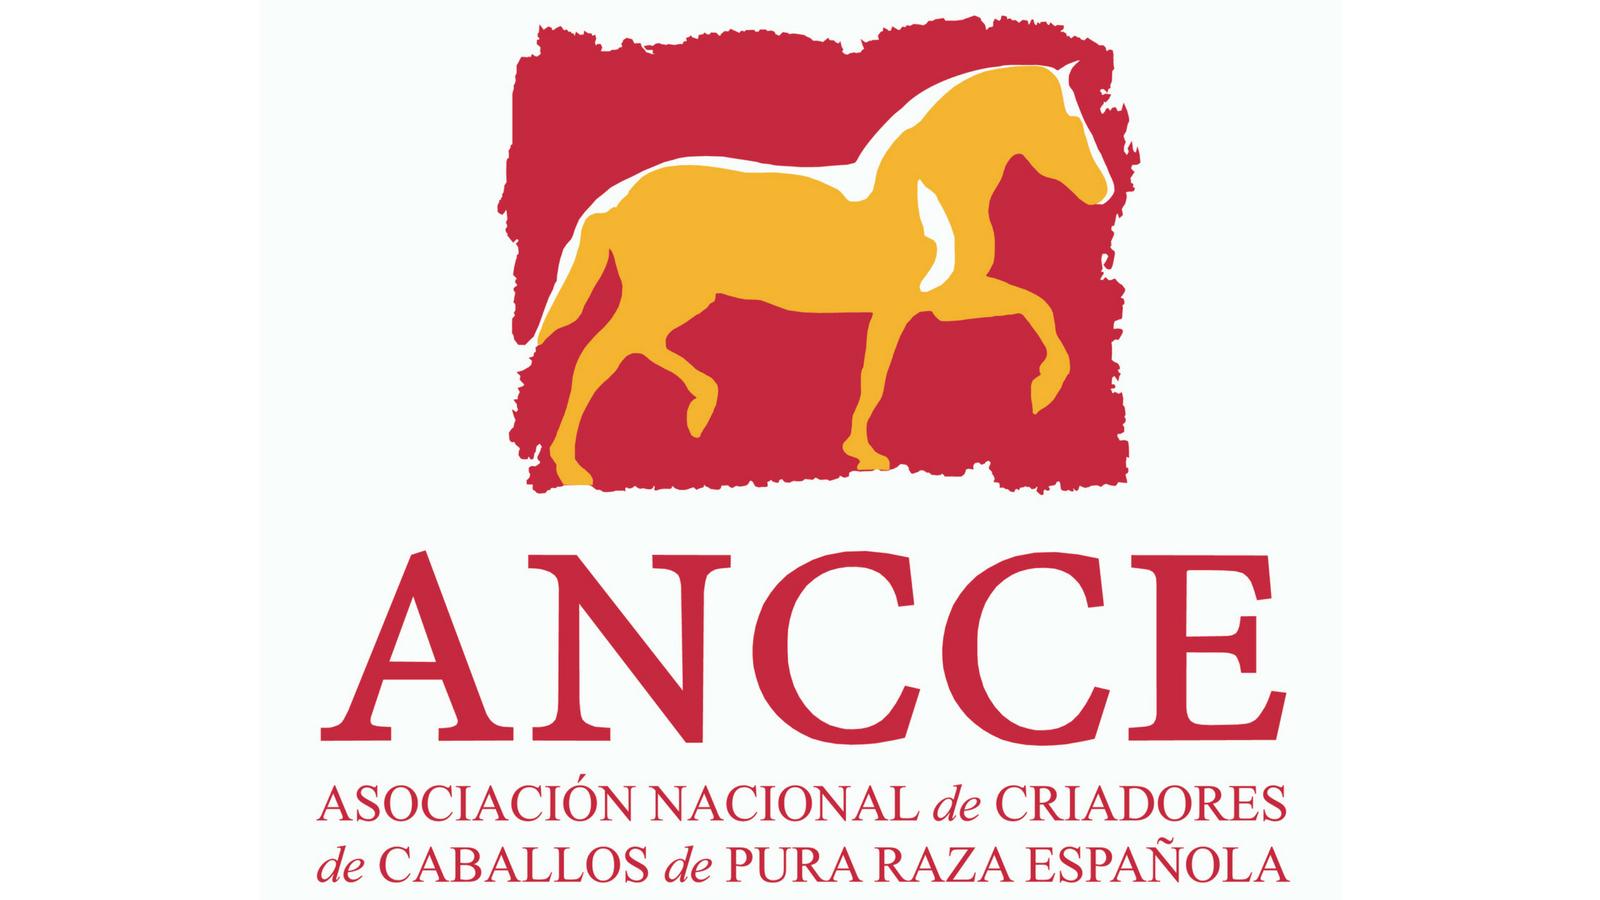 La Yeguada Francisco Robles pertenece a la Asociación Nacional de Criadores de Caballos de Pura Raza Española (ANCCE)